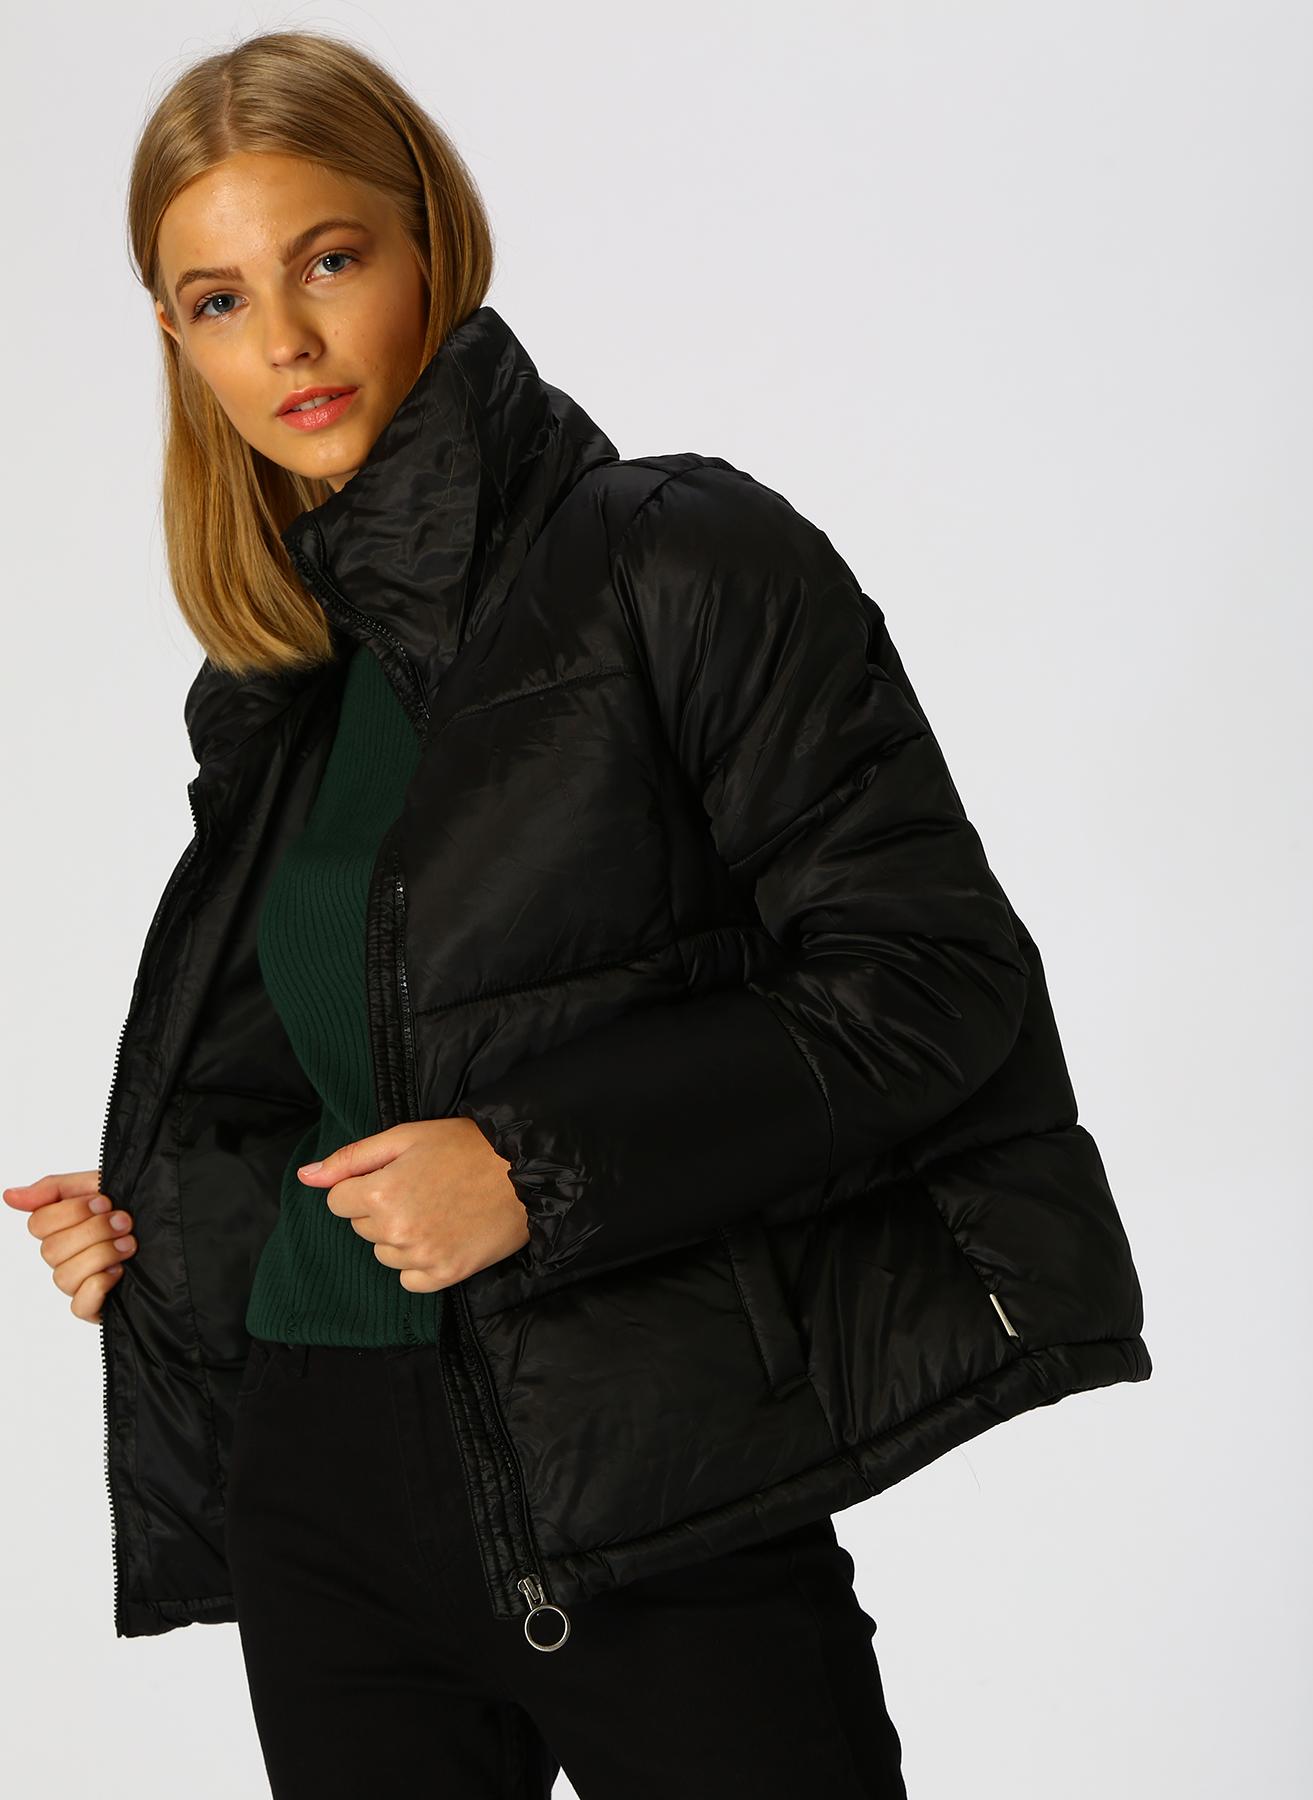 Vero Moda Siyah Mont L 5001705206001 Ürün Resmi